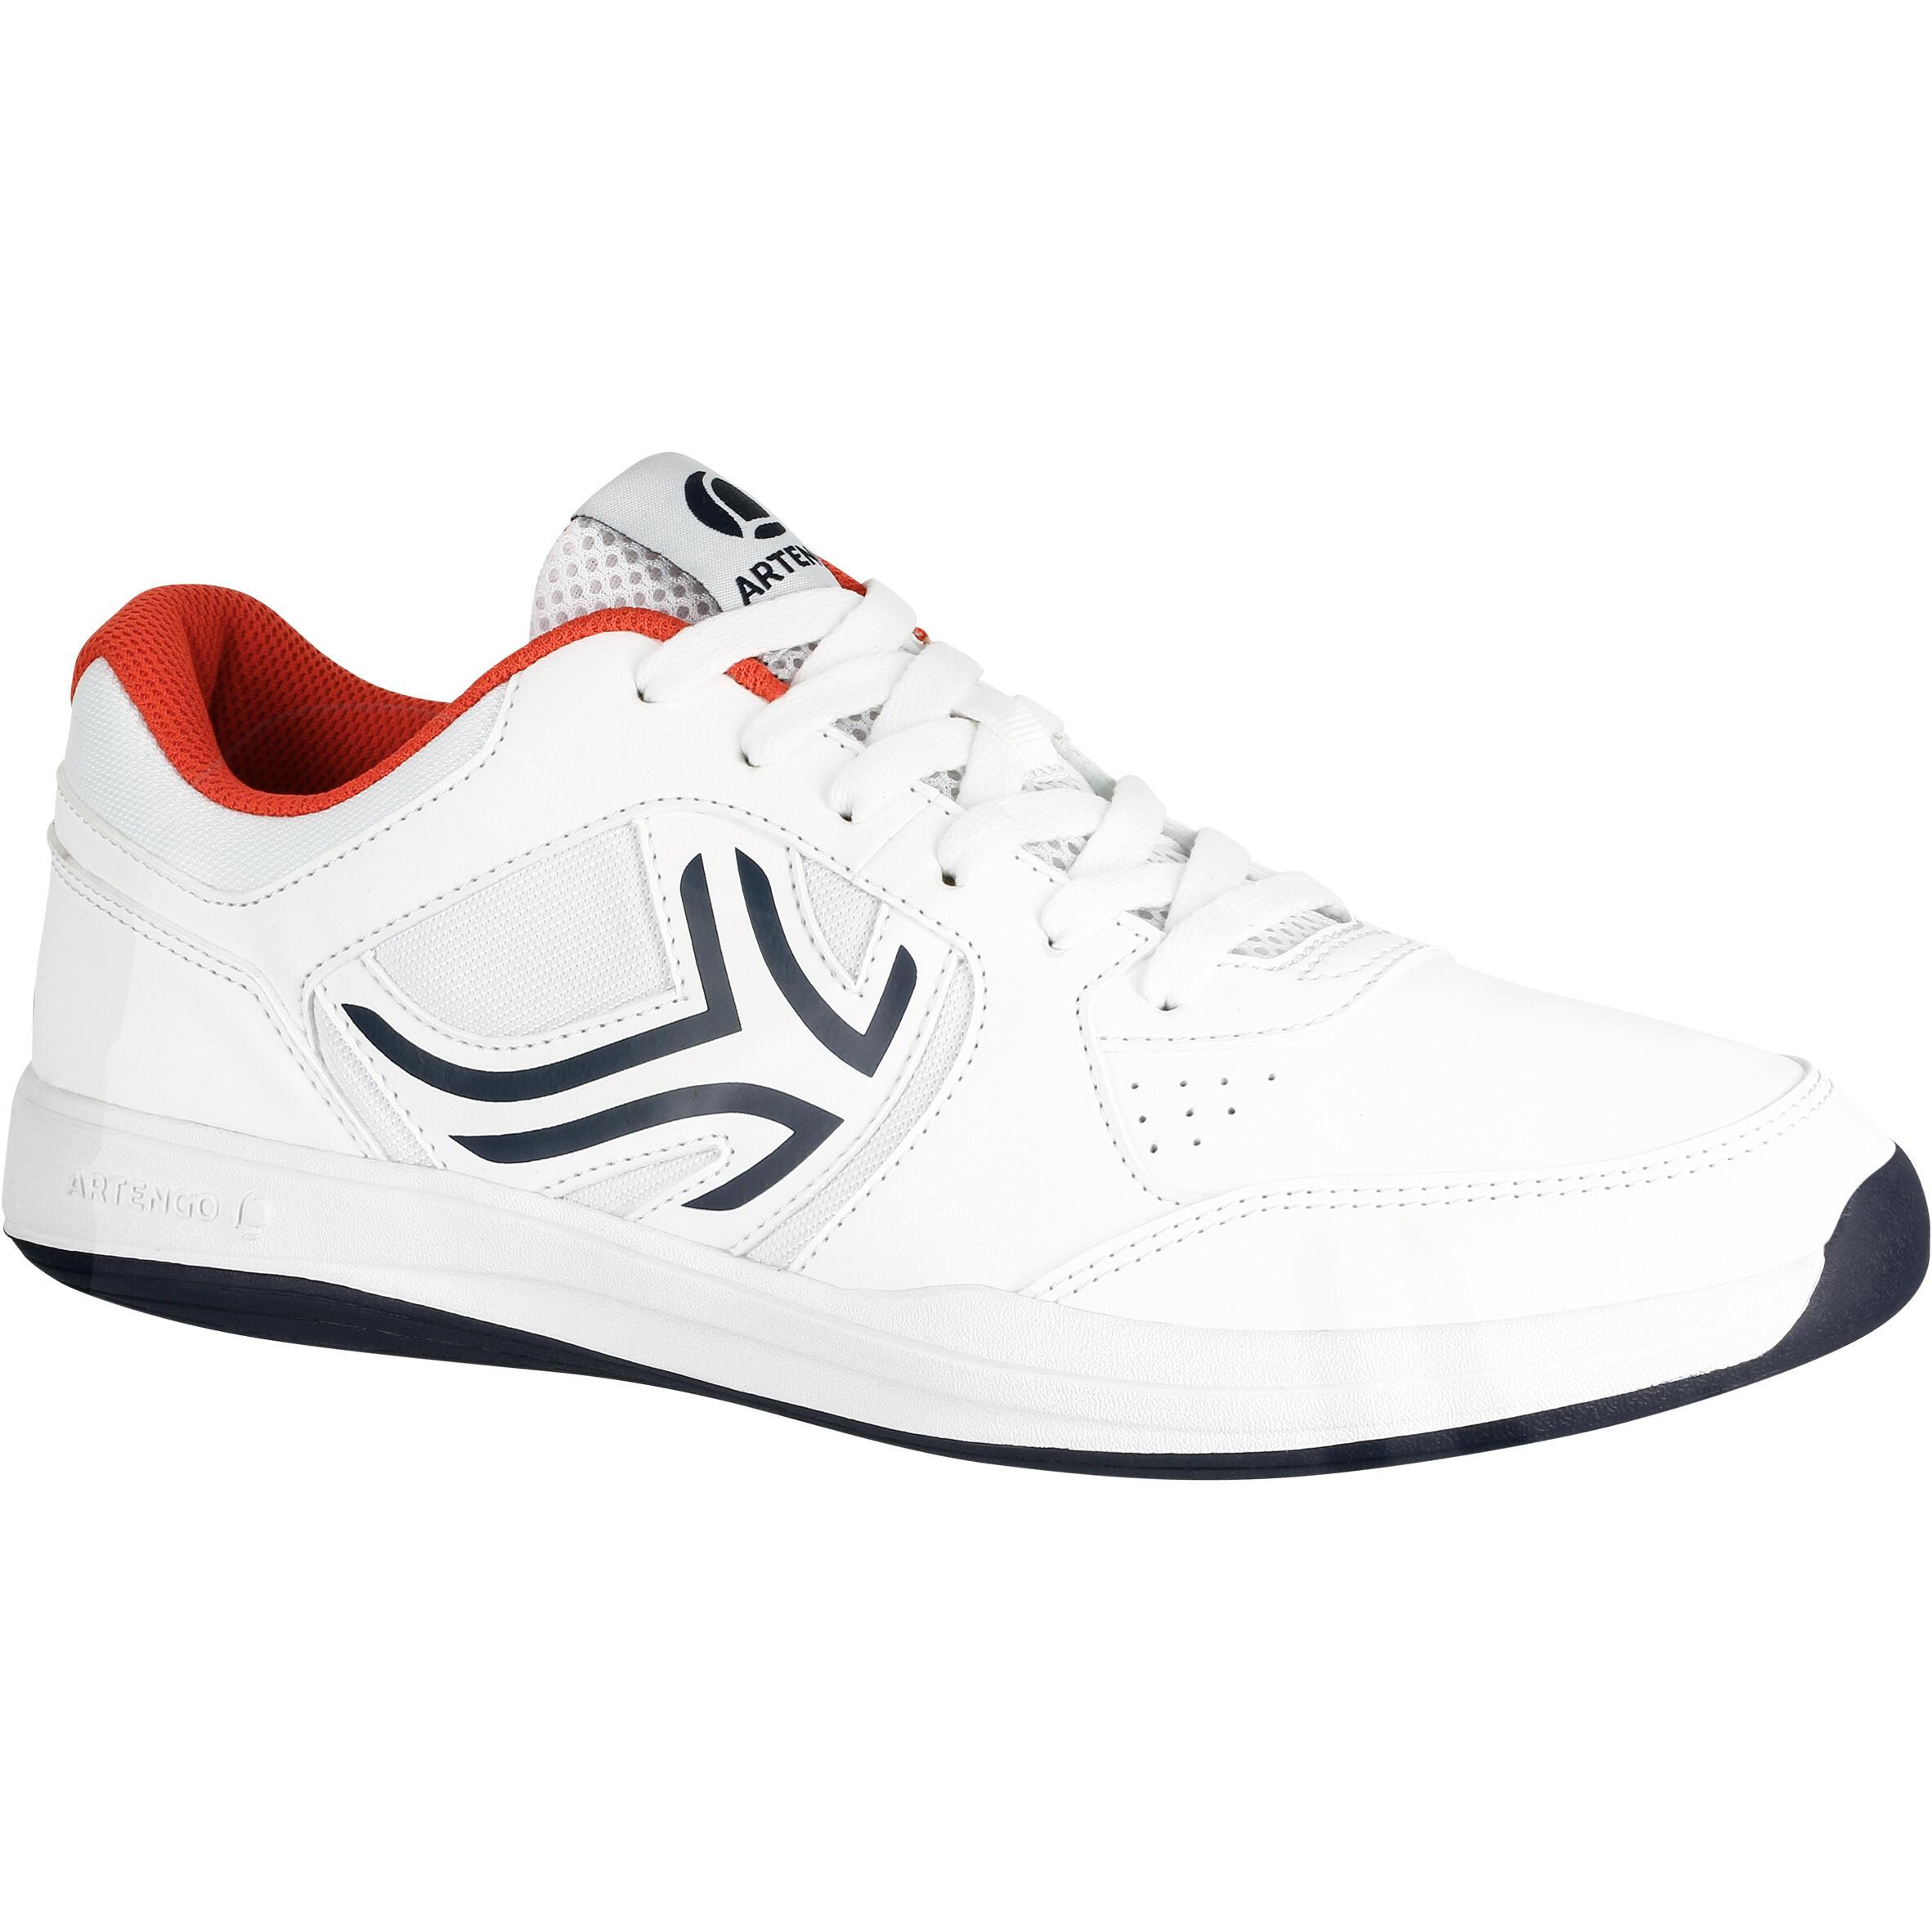 Artengo Tennisschoenen voor heren TS130 wit multicourt